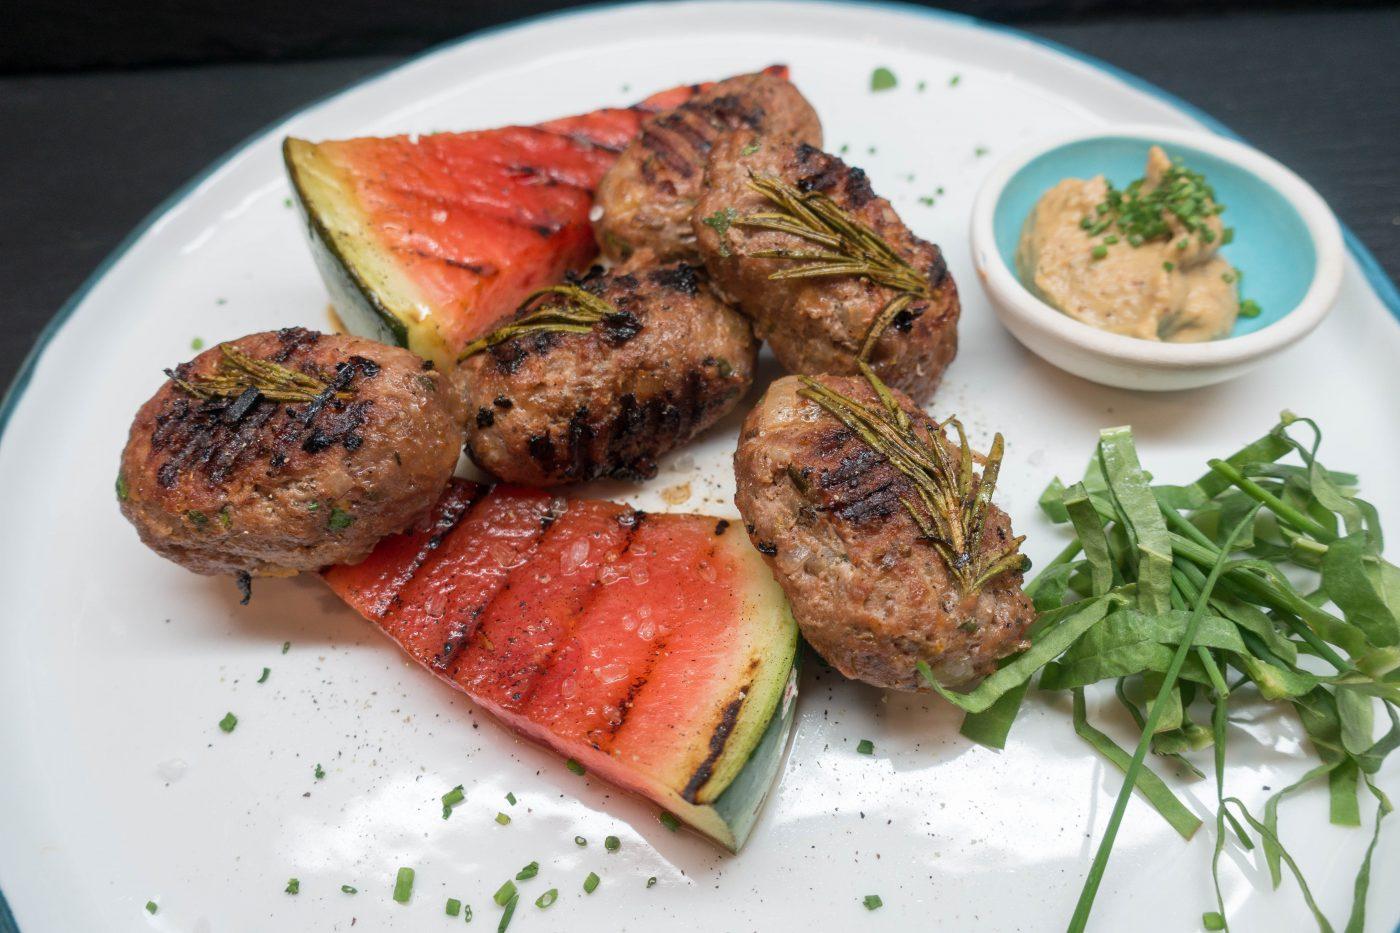 Bifteki oder griechische Hacksteaks mit gegrillter Wassermelone